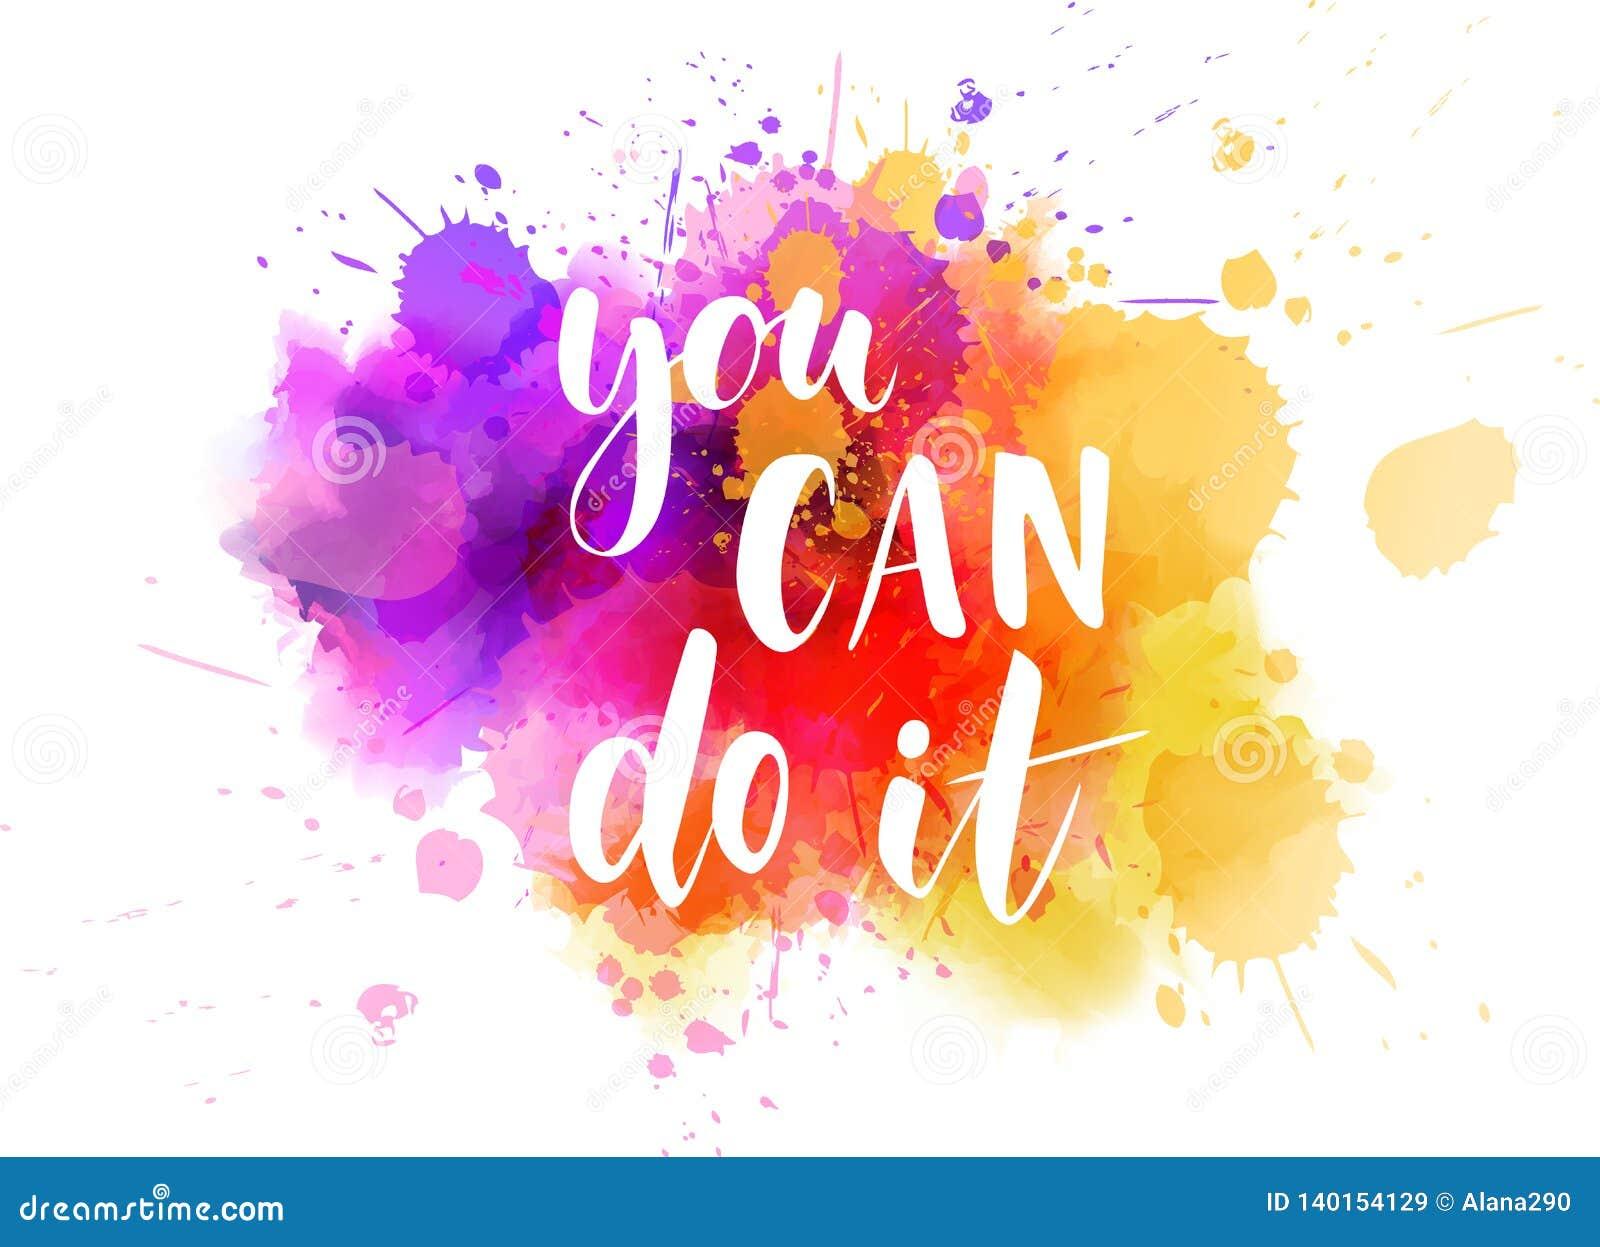 Usted puede hacerlo